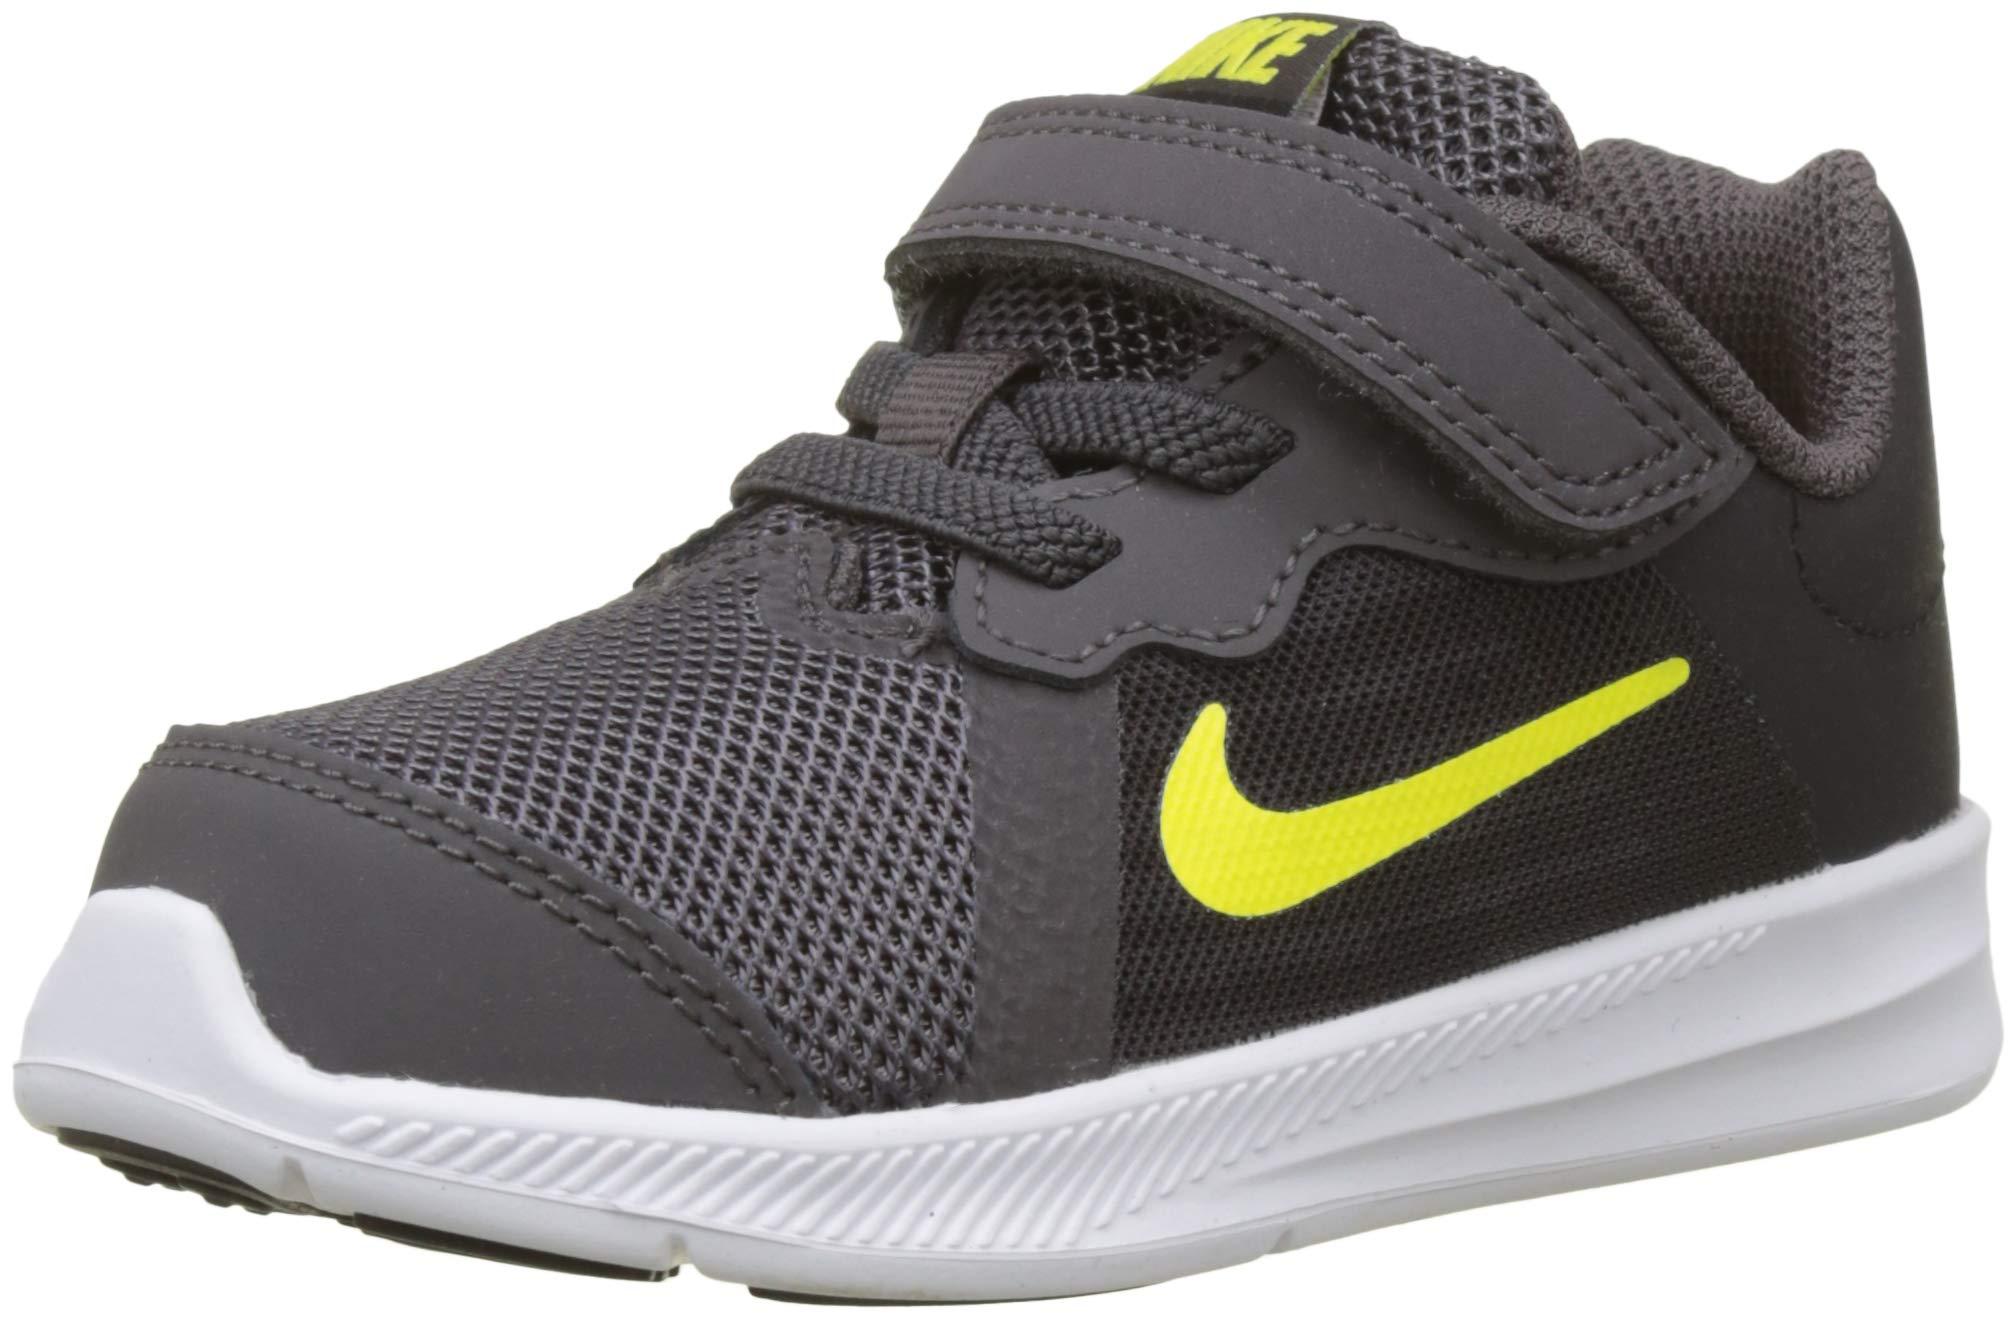 quality design b4ee0 8e746 tdv Running Downshifter Bambino Girls Scarpe You Like 8 Nike